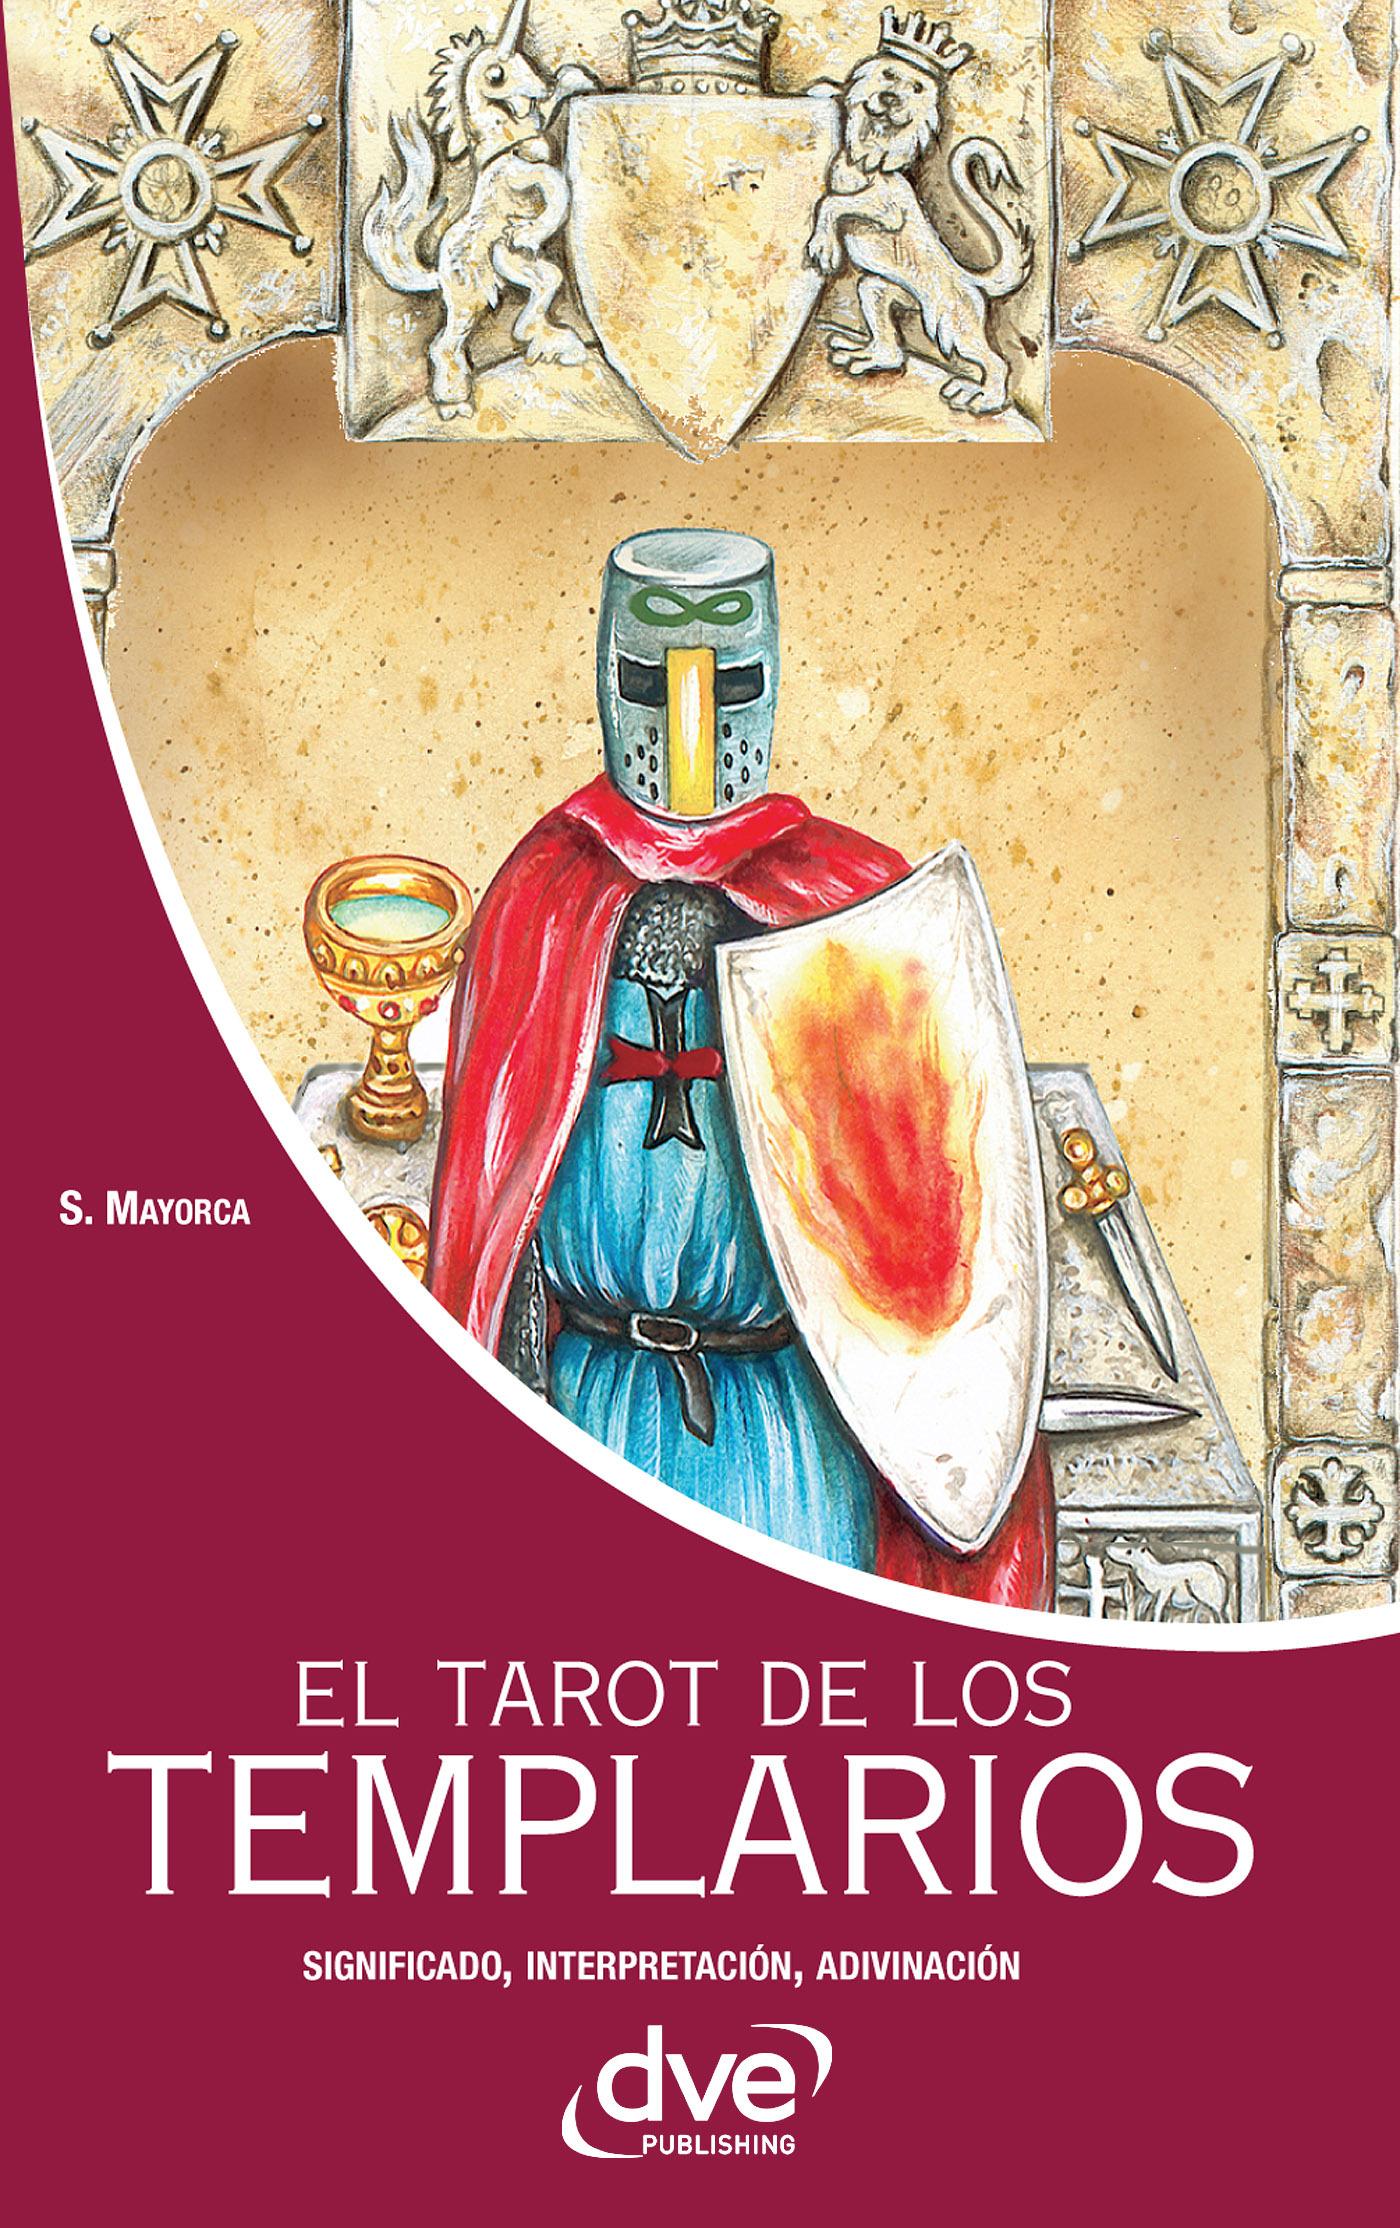 Mayorca, Stefano - El tarot de los templarios. Significado - interpretación - adivinación, ebook